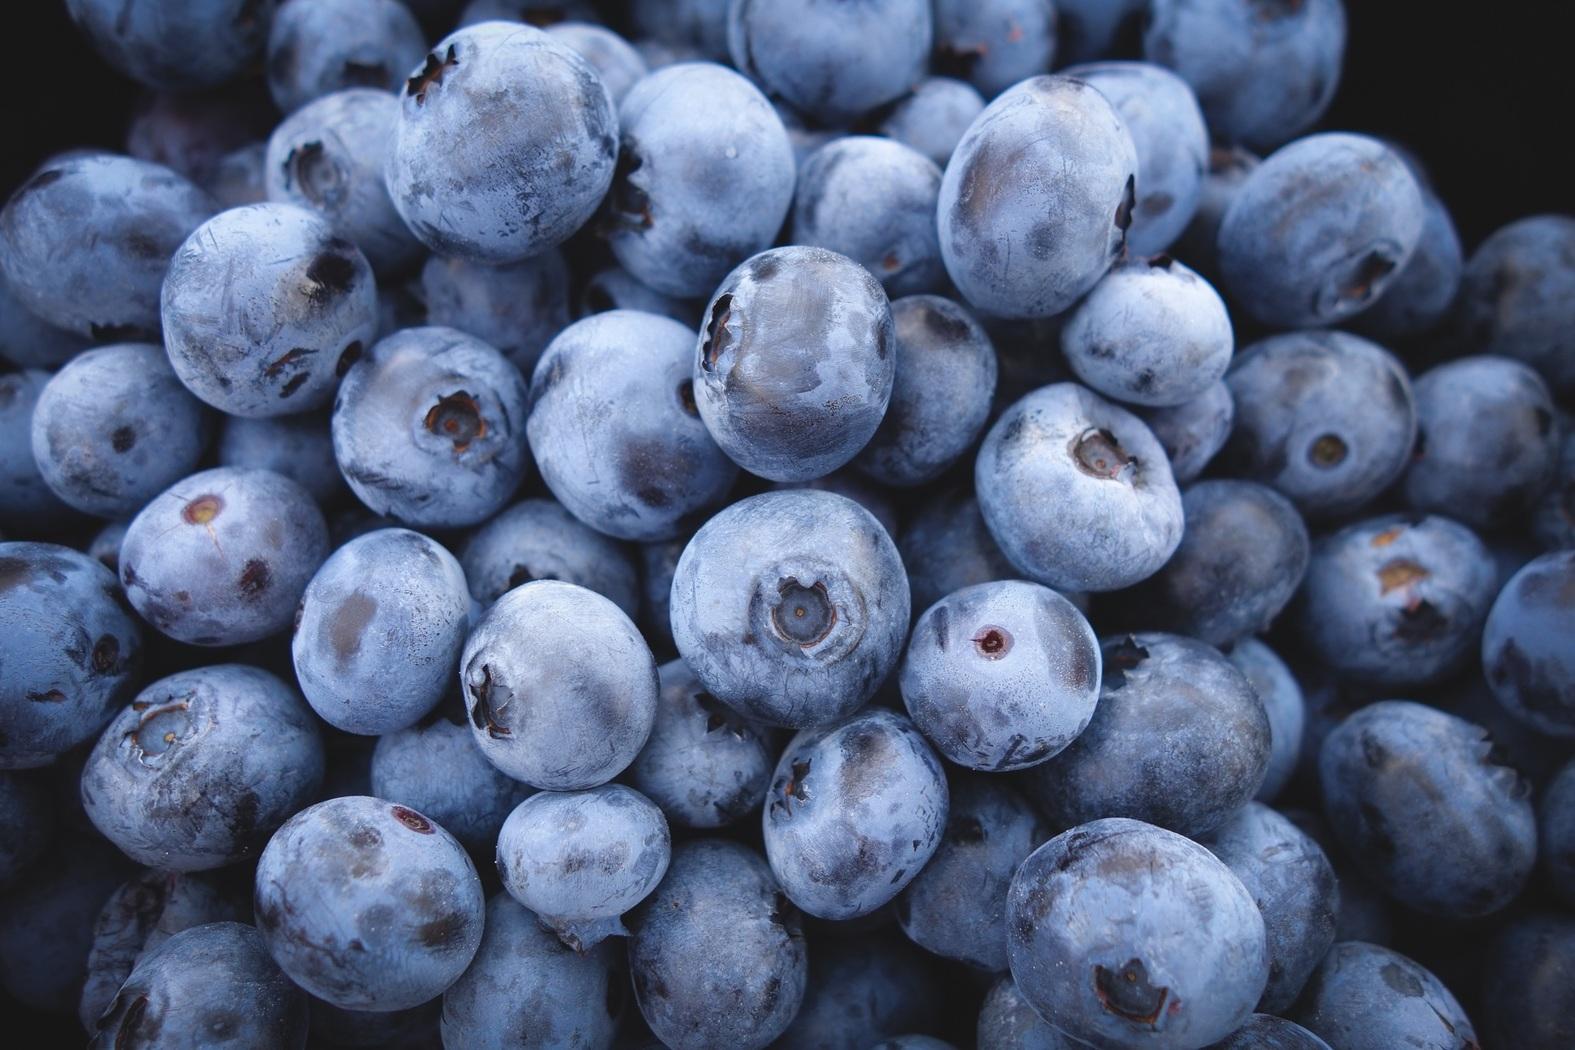 Productores de berries se preparan para su primera cosecha en medio del Covid